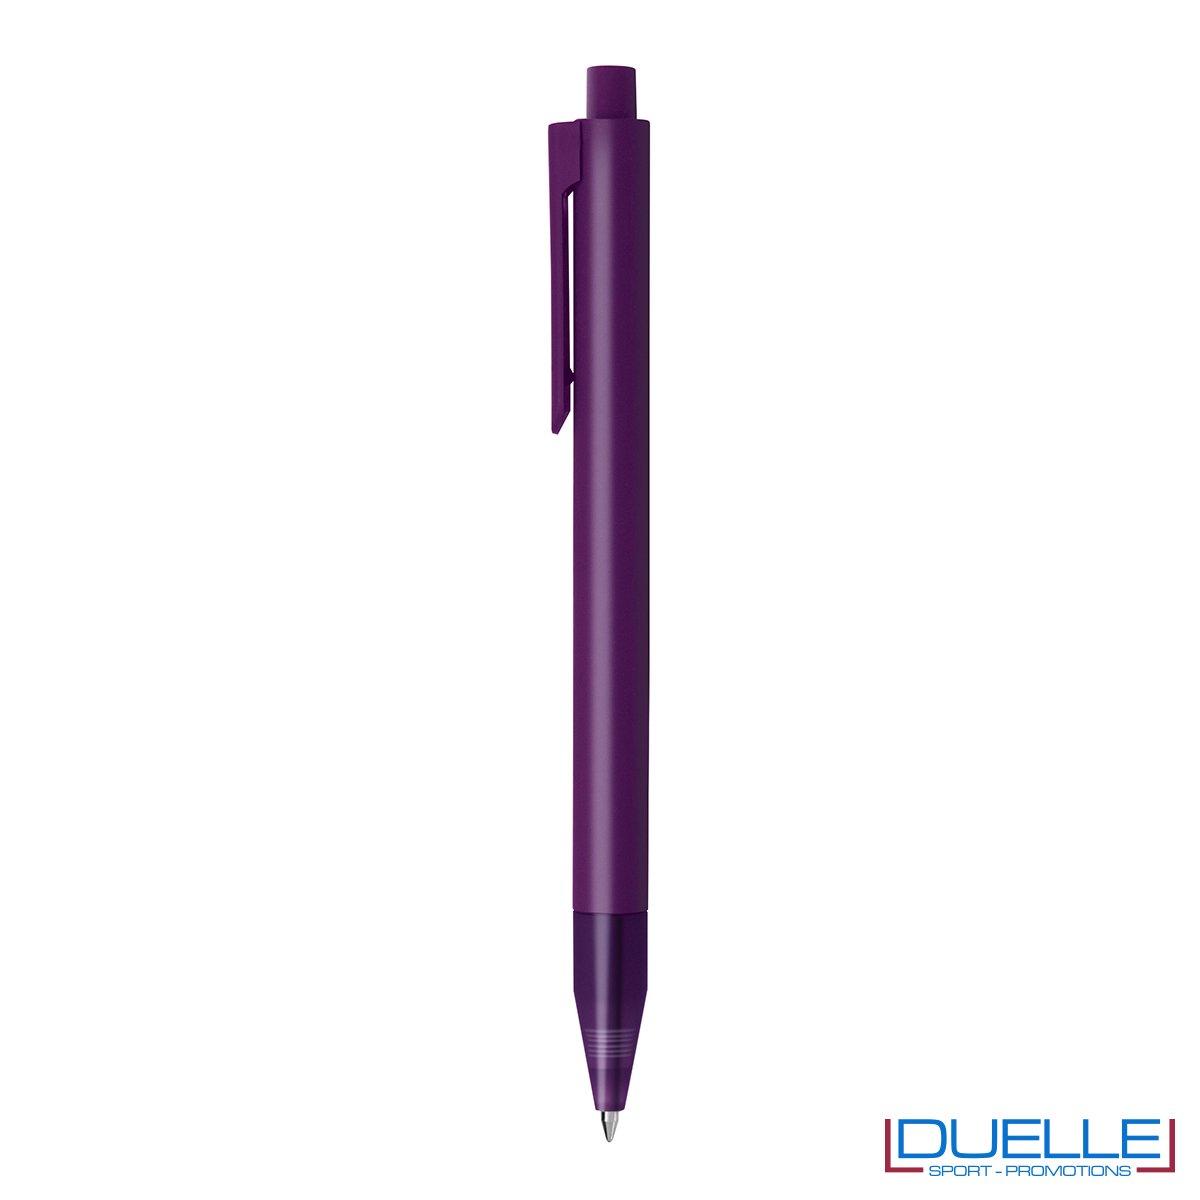 Penna personalizzata con fusto in plastica finitura satinata e puntale soft touch colore viola